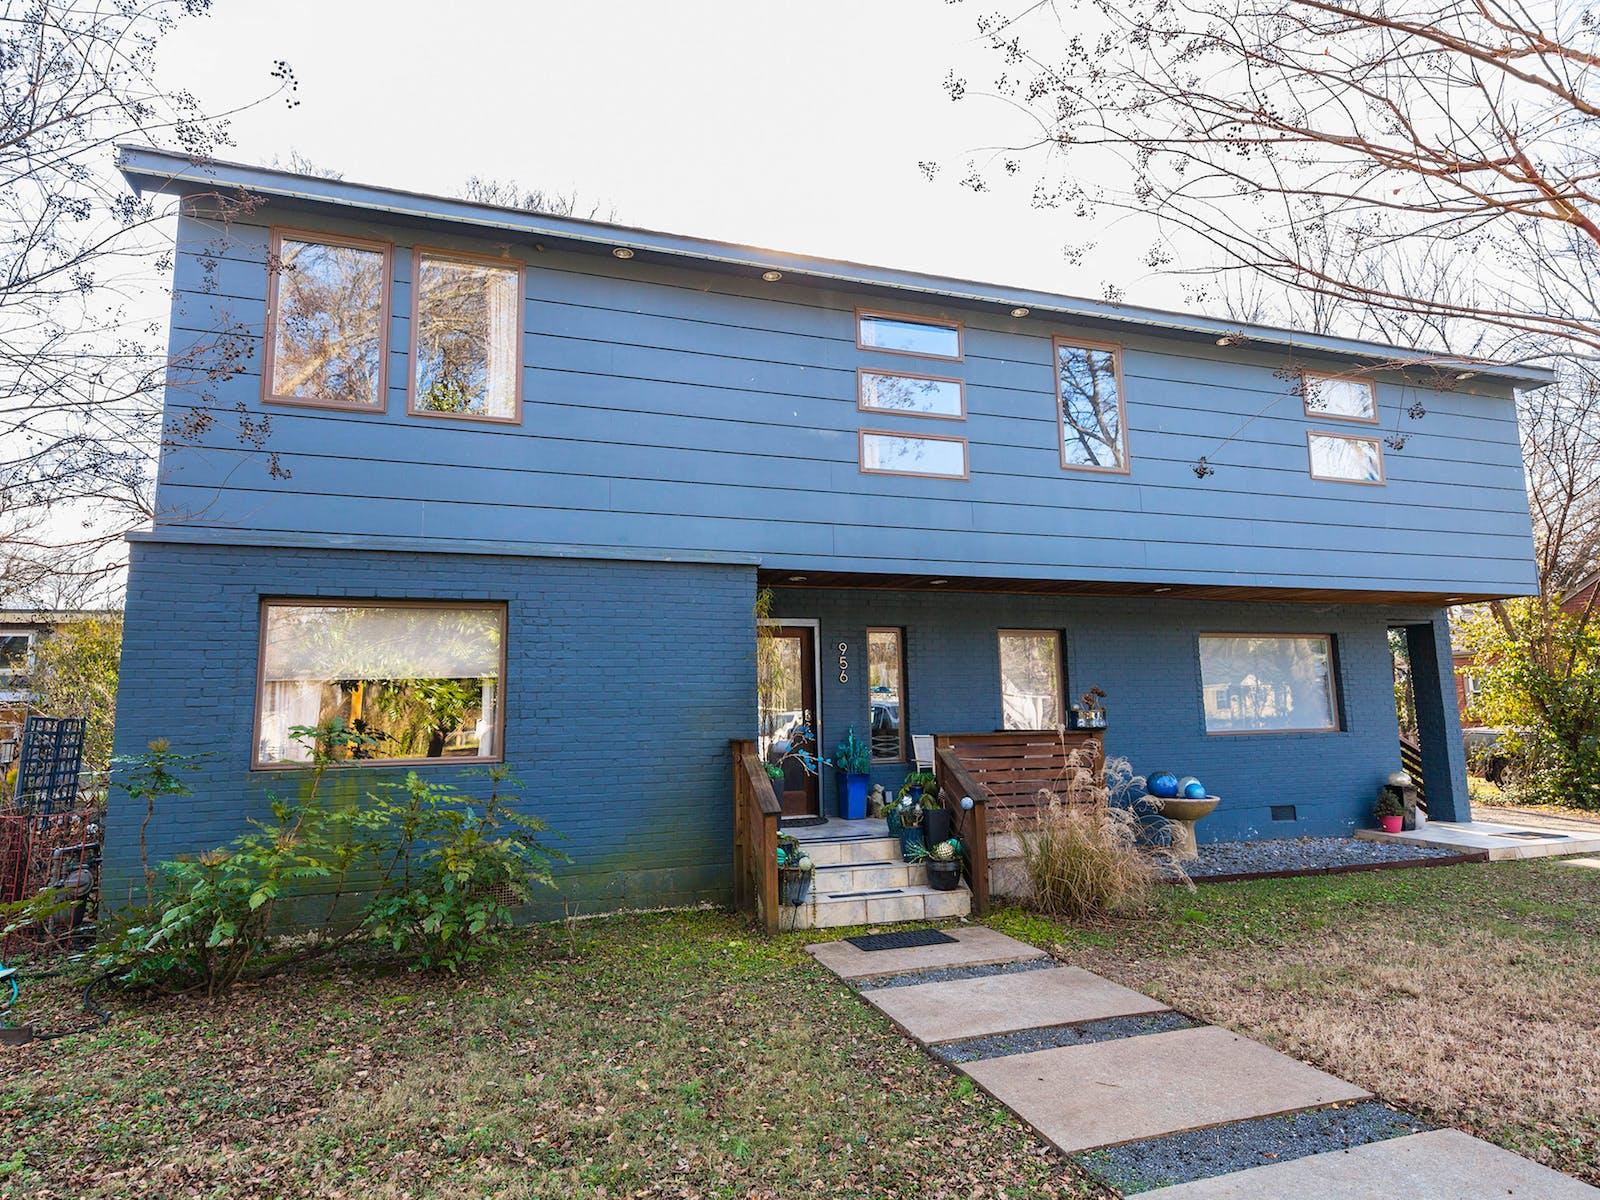 blue vacation rental in nashville, tn